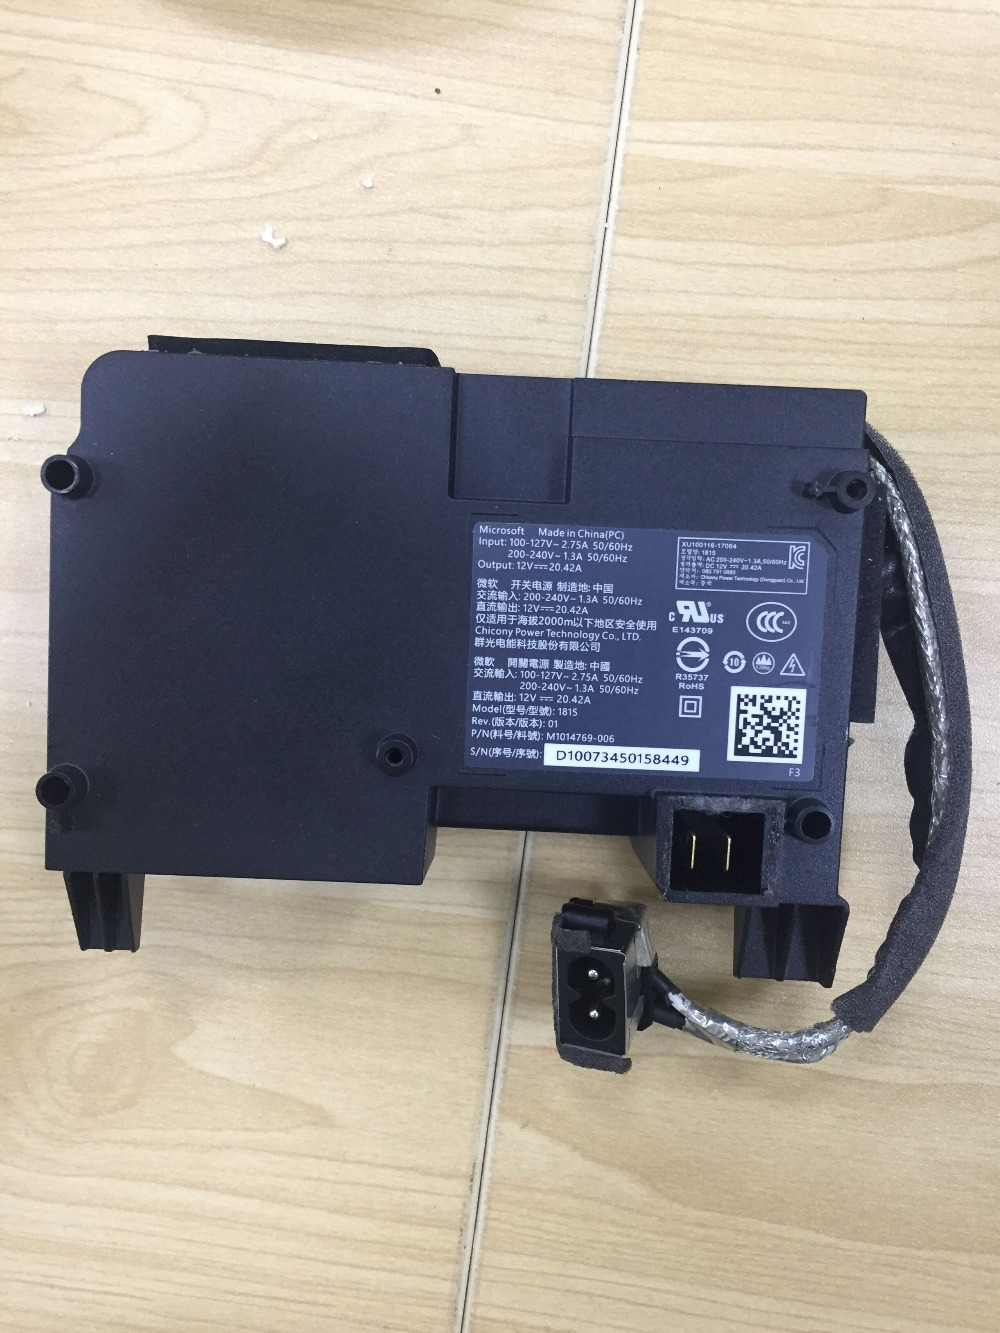 Original zweite hand Für Xbox One X Netzteil AC Adapter Für Xbox One X Konsole Ladegerät 100 V-240V reparatur teile